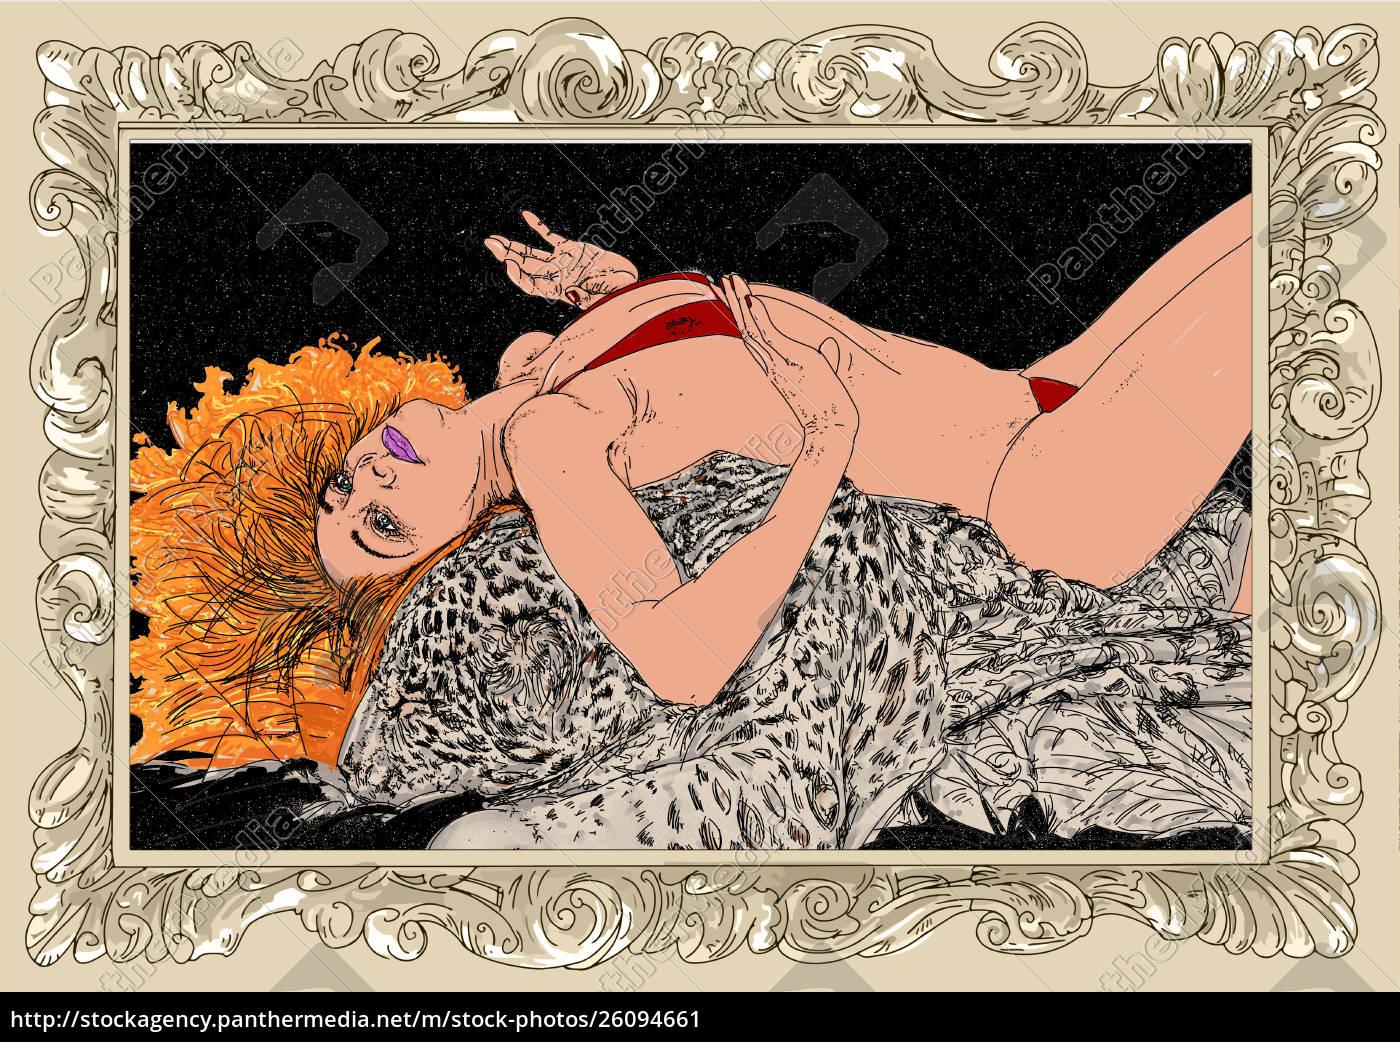 , kvinde, erotisk, raffineret, og, sensuel, linje - 26094661